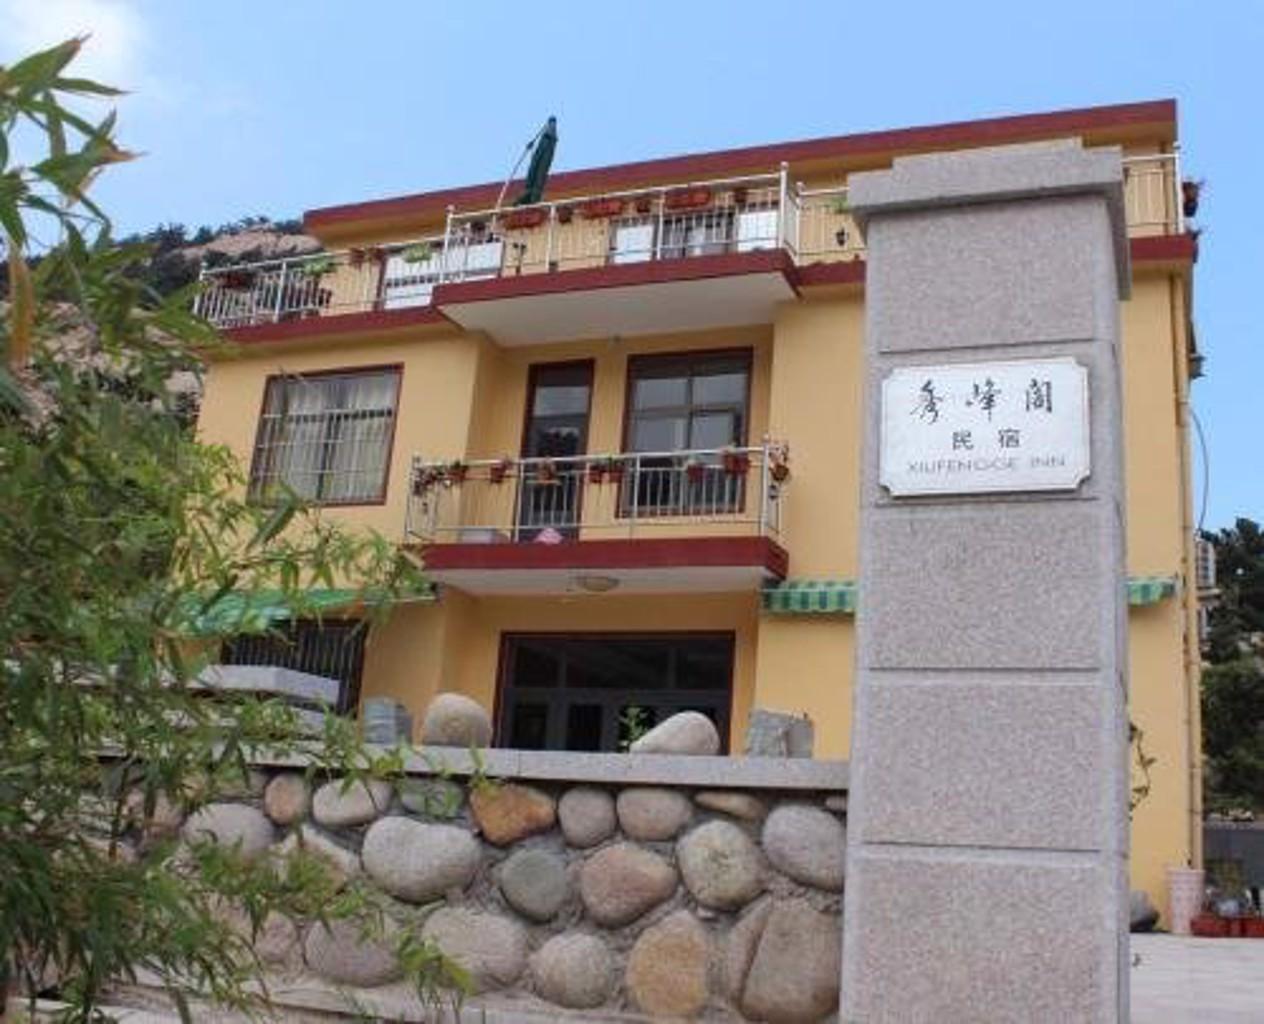 Qingdao Xiufengge Inn